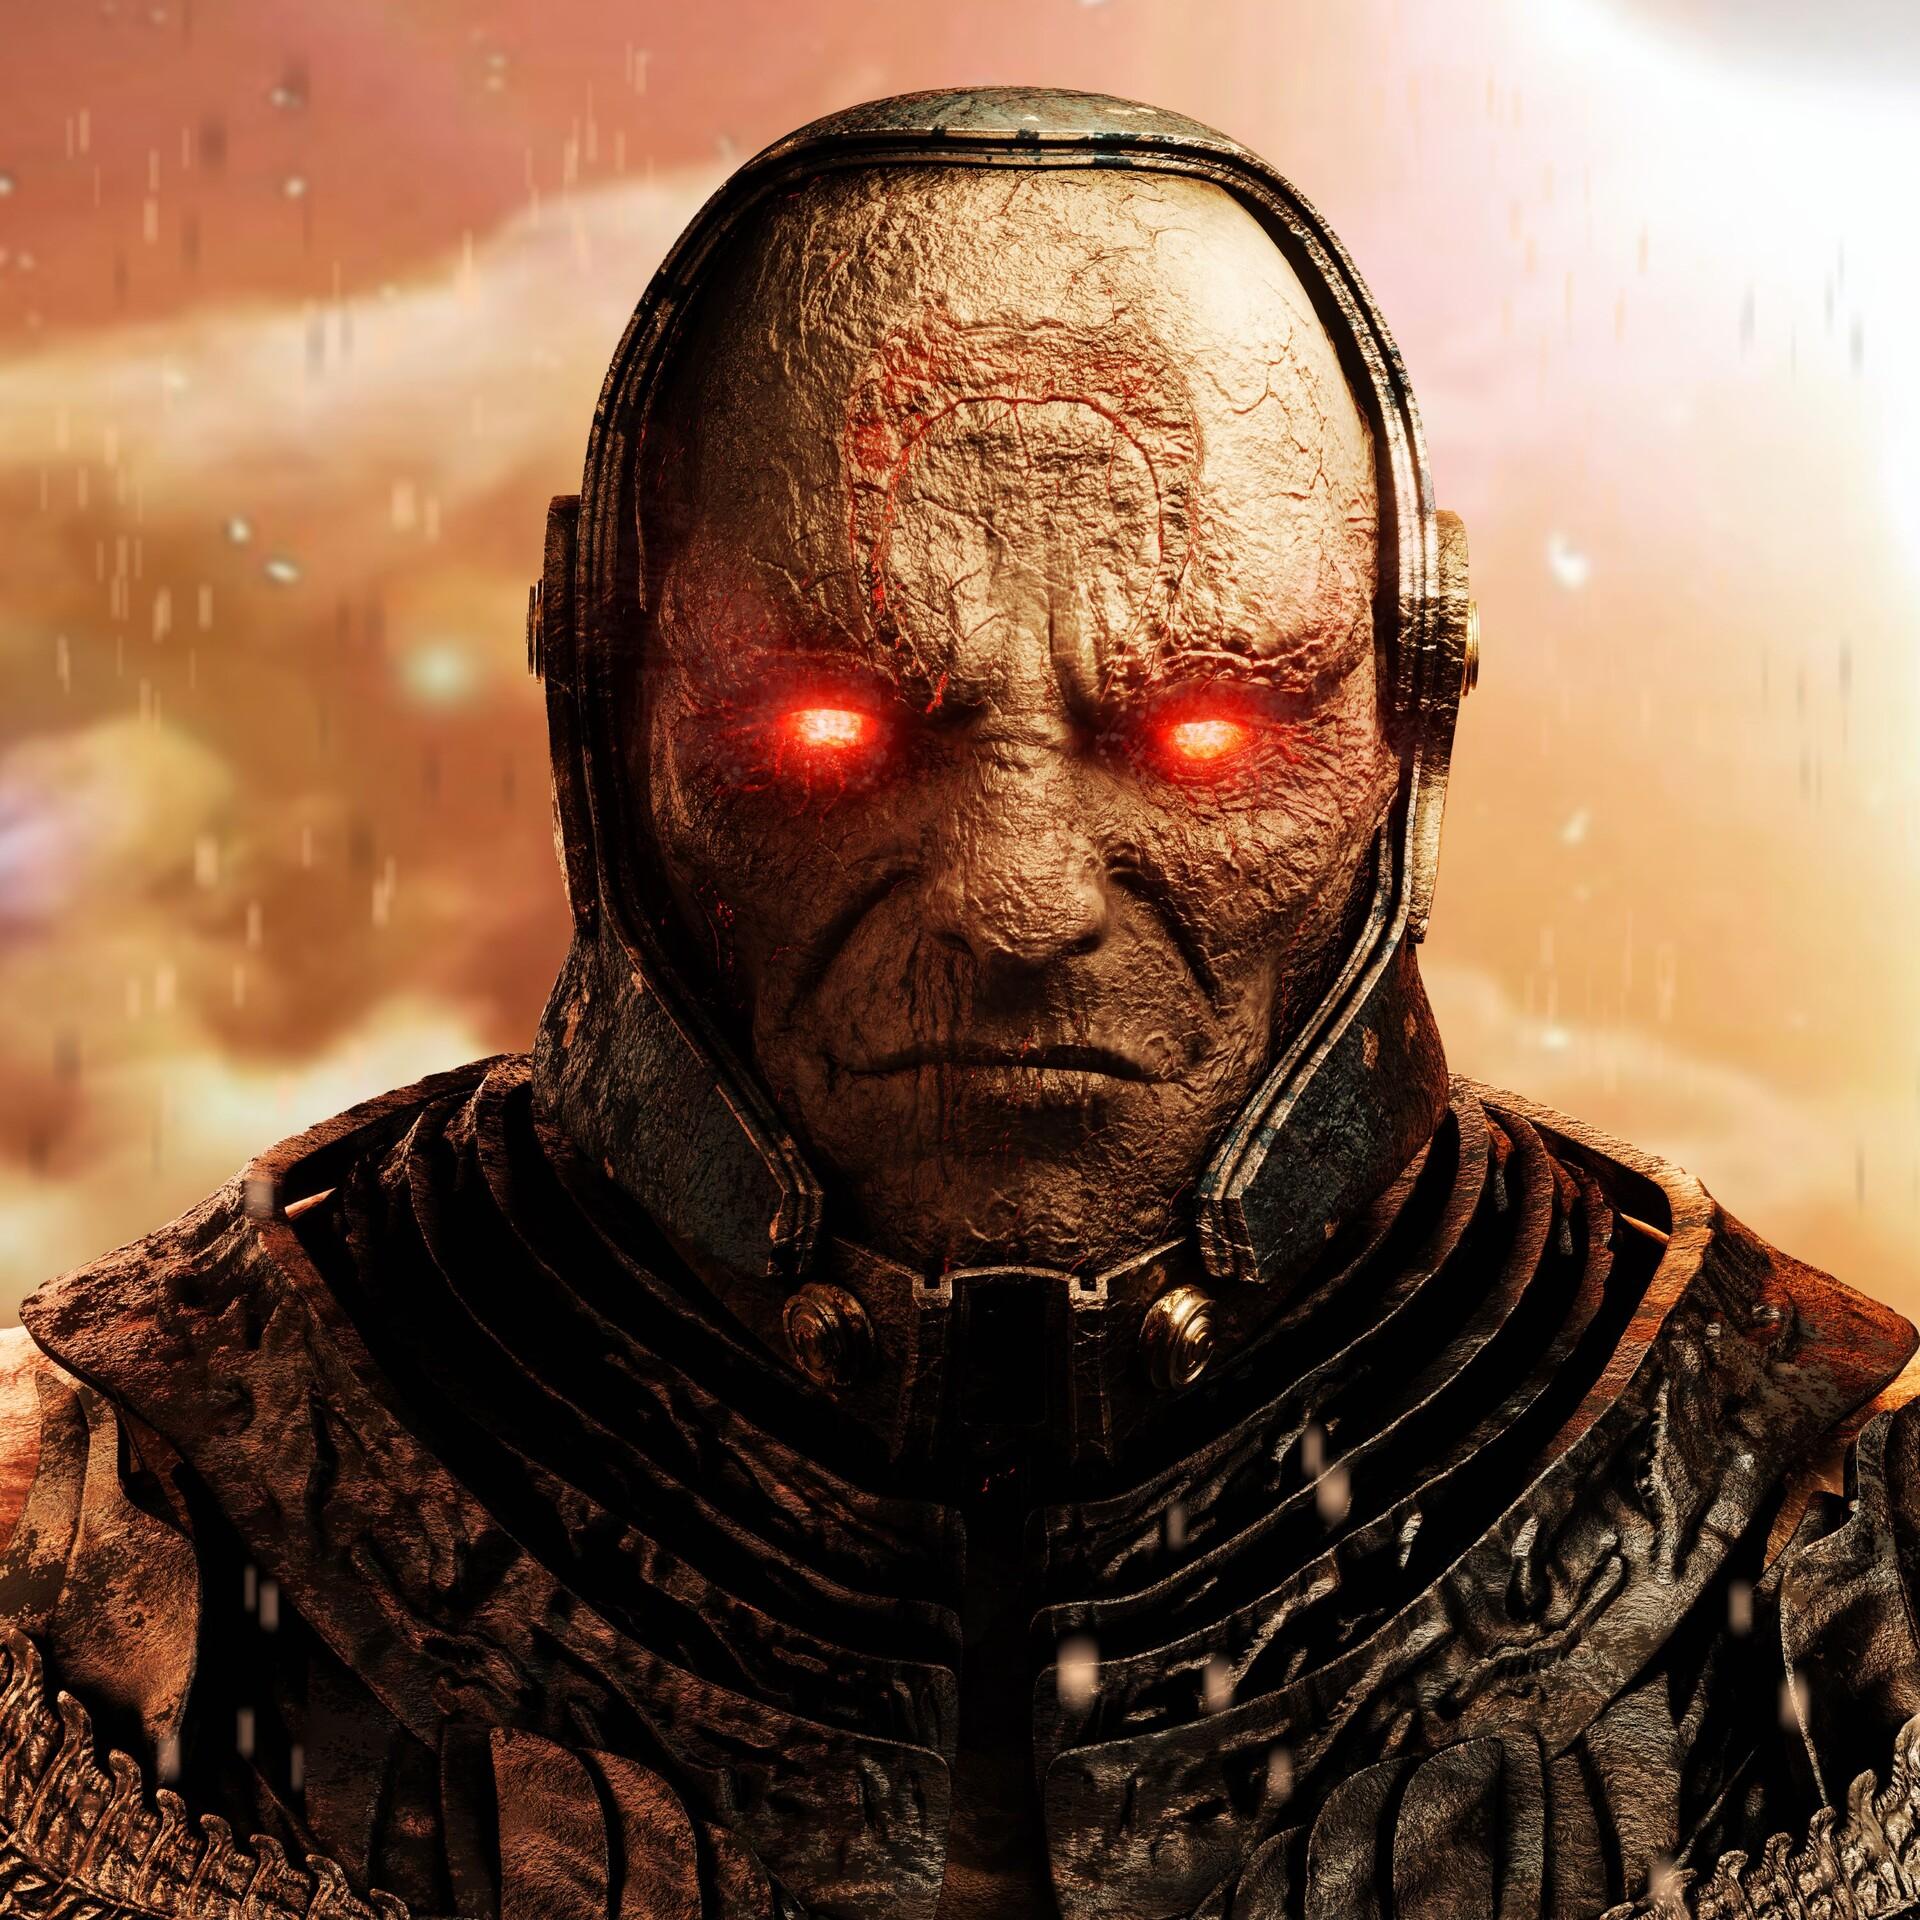 Darkseid; Liga da Justiça de Zack Snyder; Snyder Cut